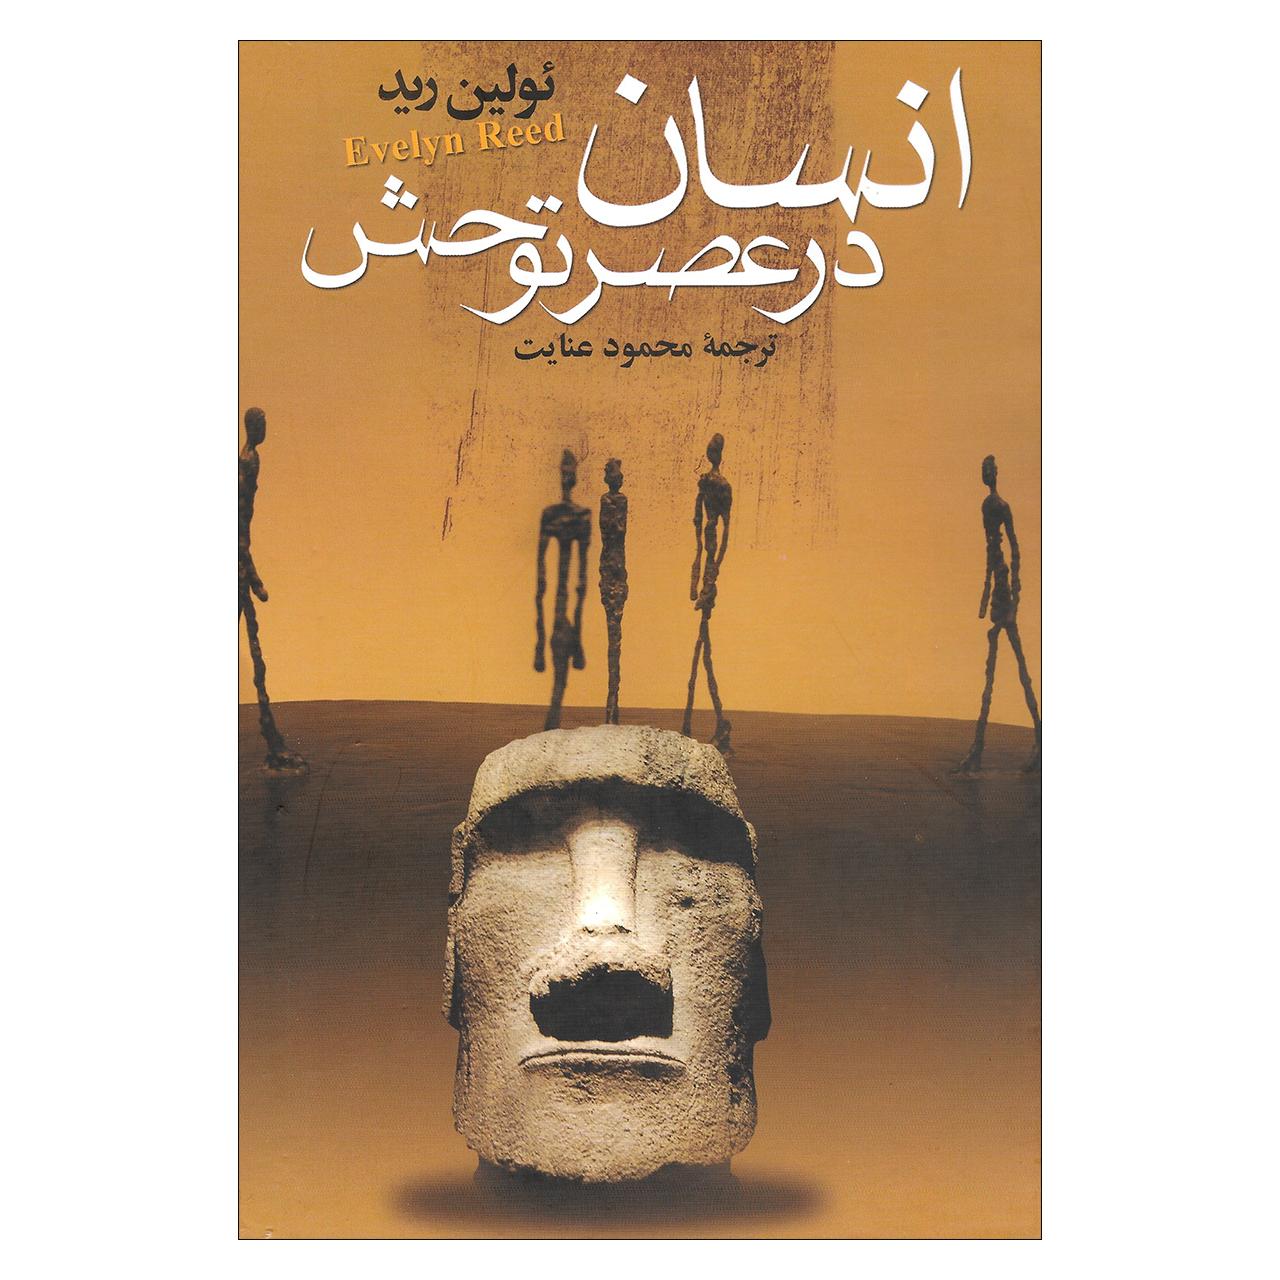 کتاب انسان در عصر توحش اثر ئولین رید نشر هاشمی